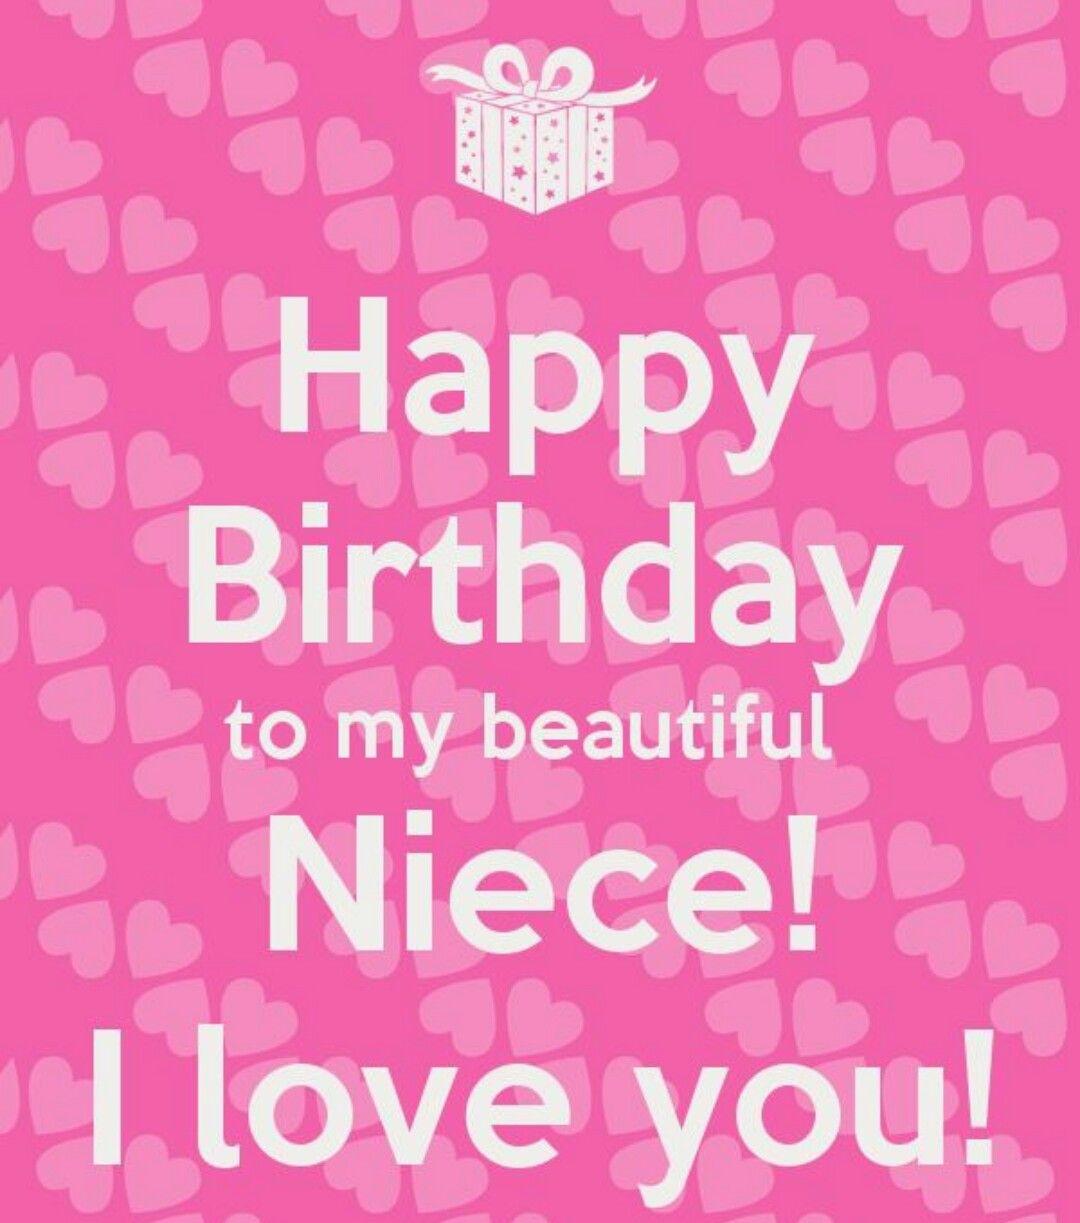 Happy Birthday To My Beautiful Niece! I Love You